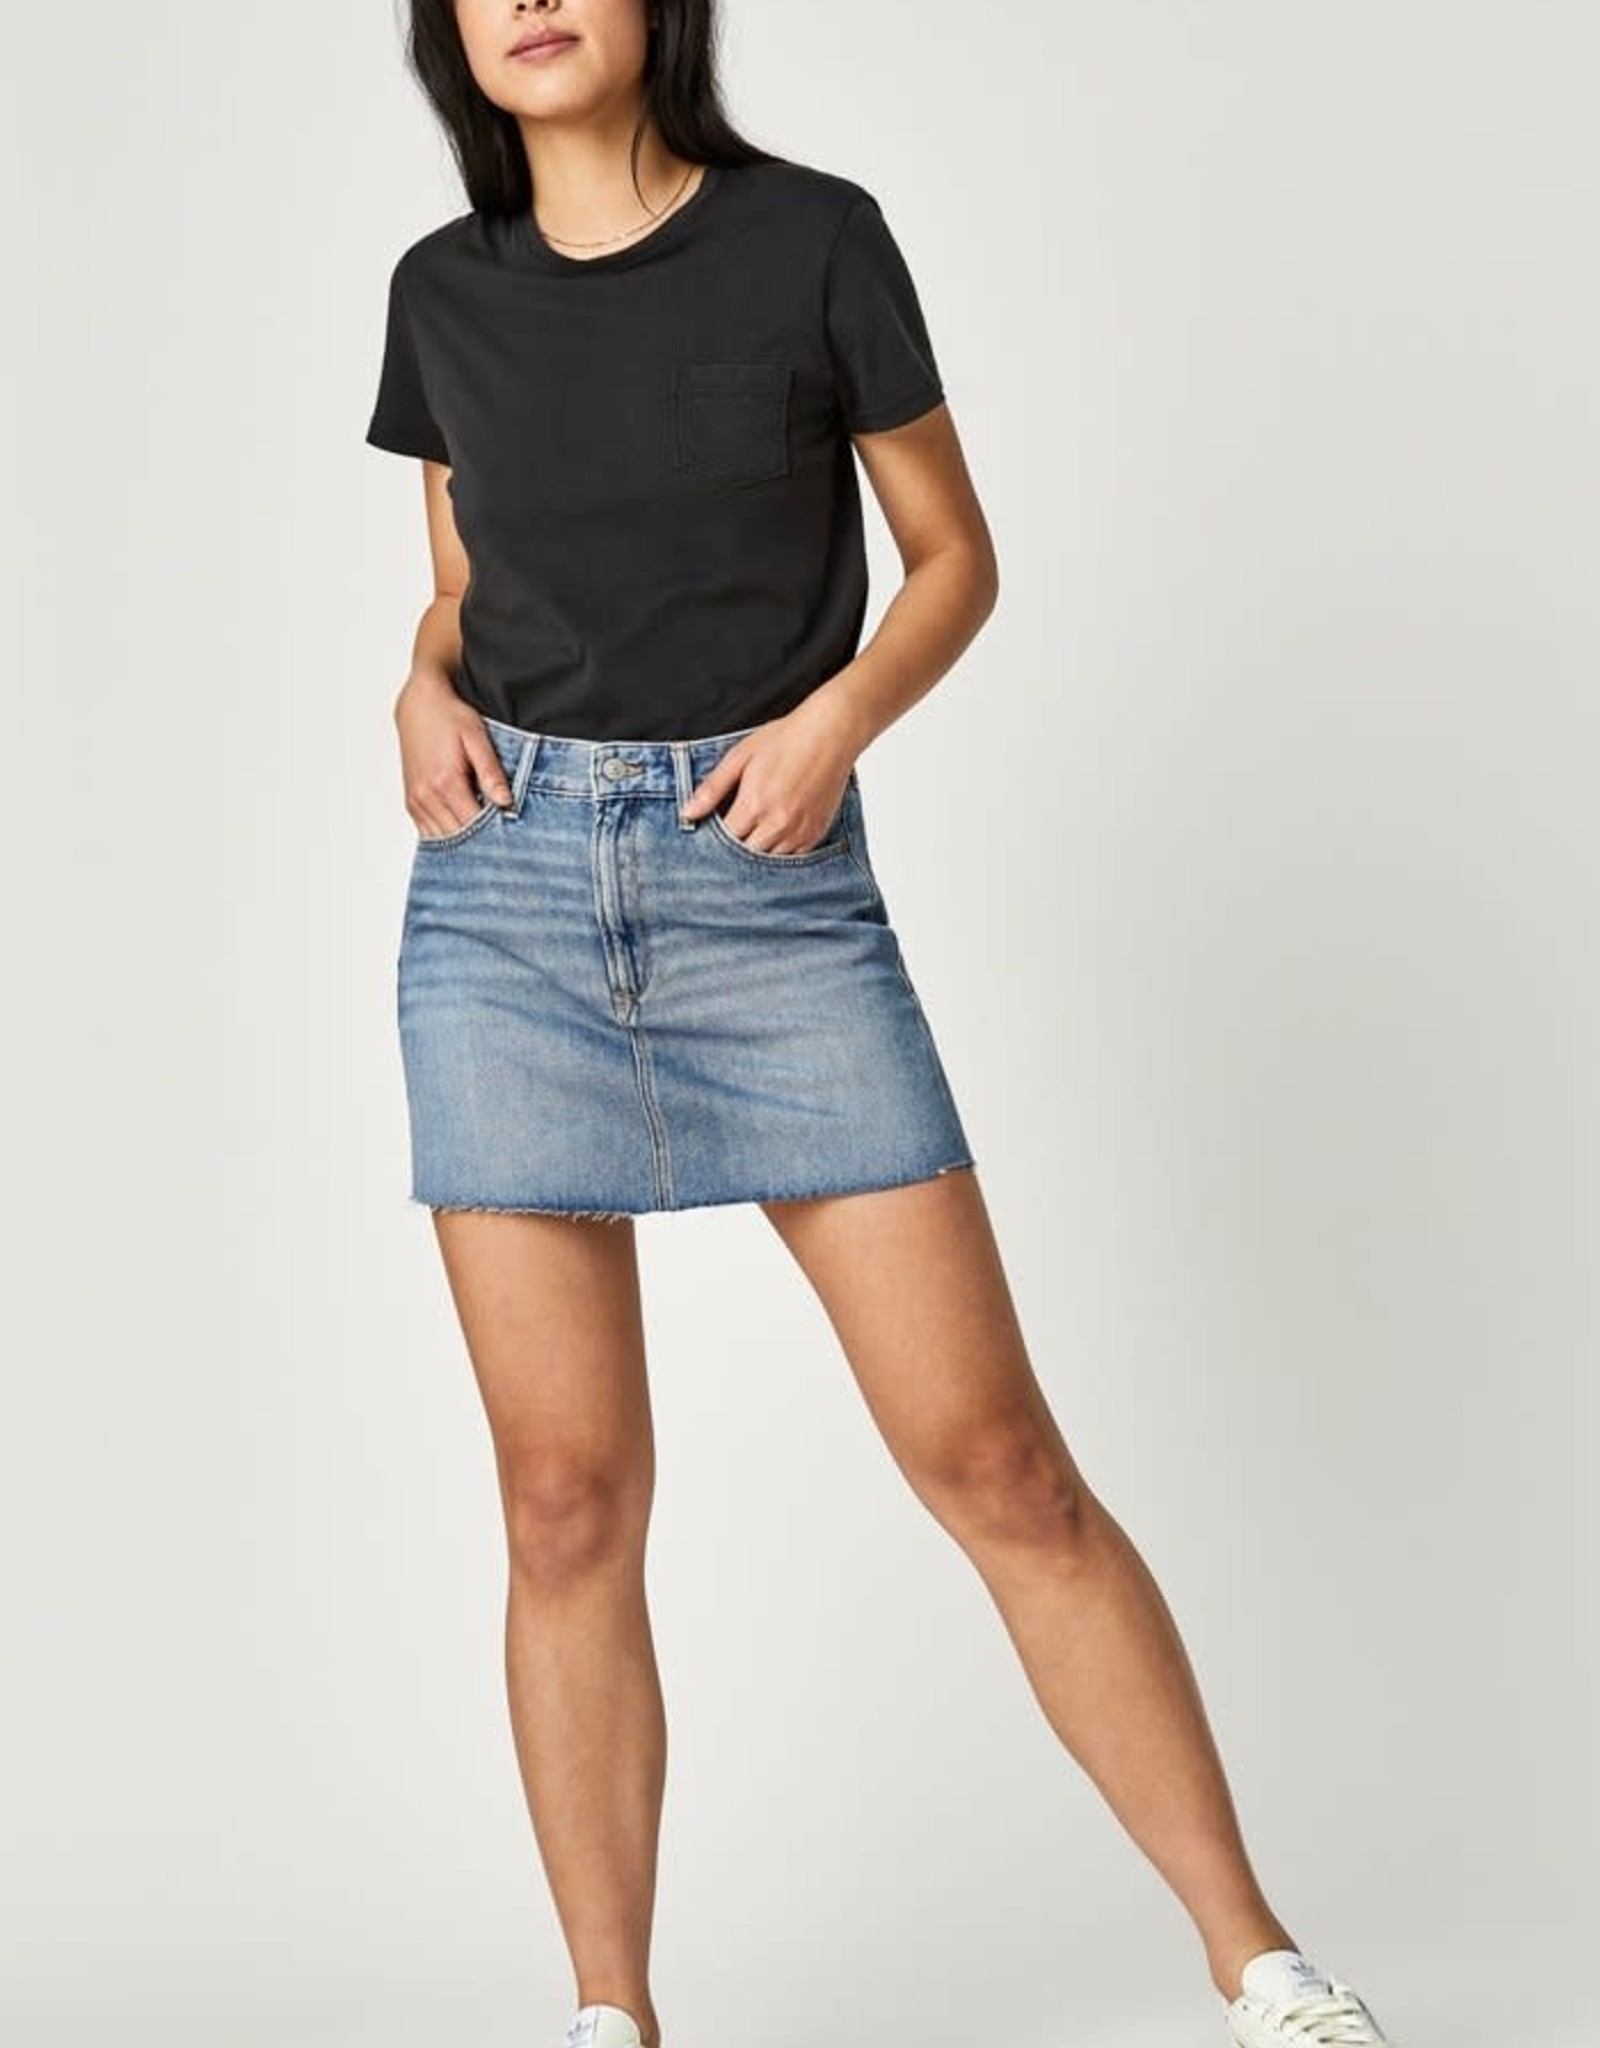 MAVI Jeans Lindsay Shaded Indigo Skirt